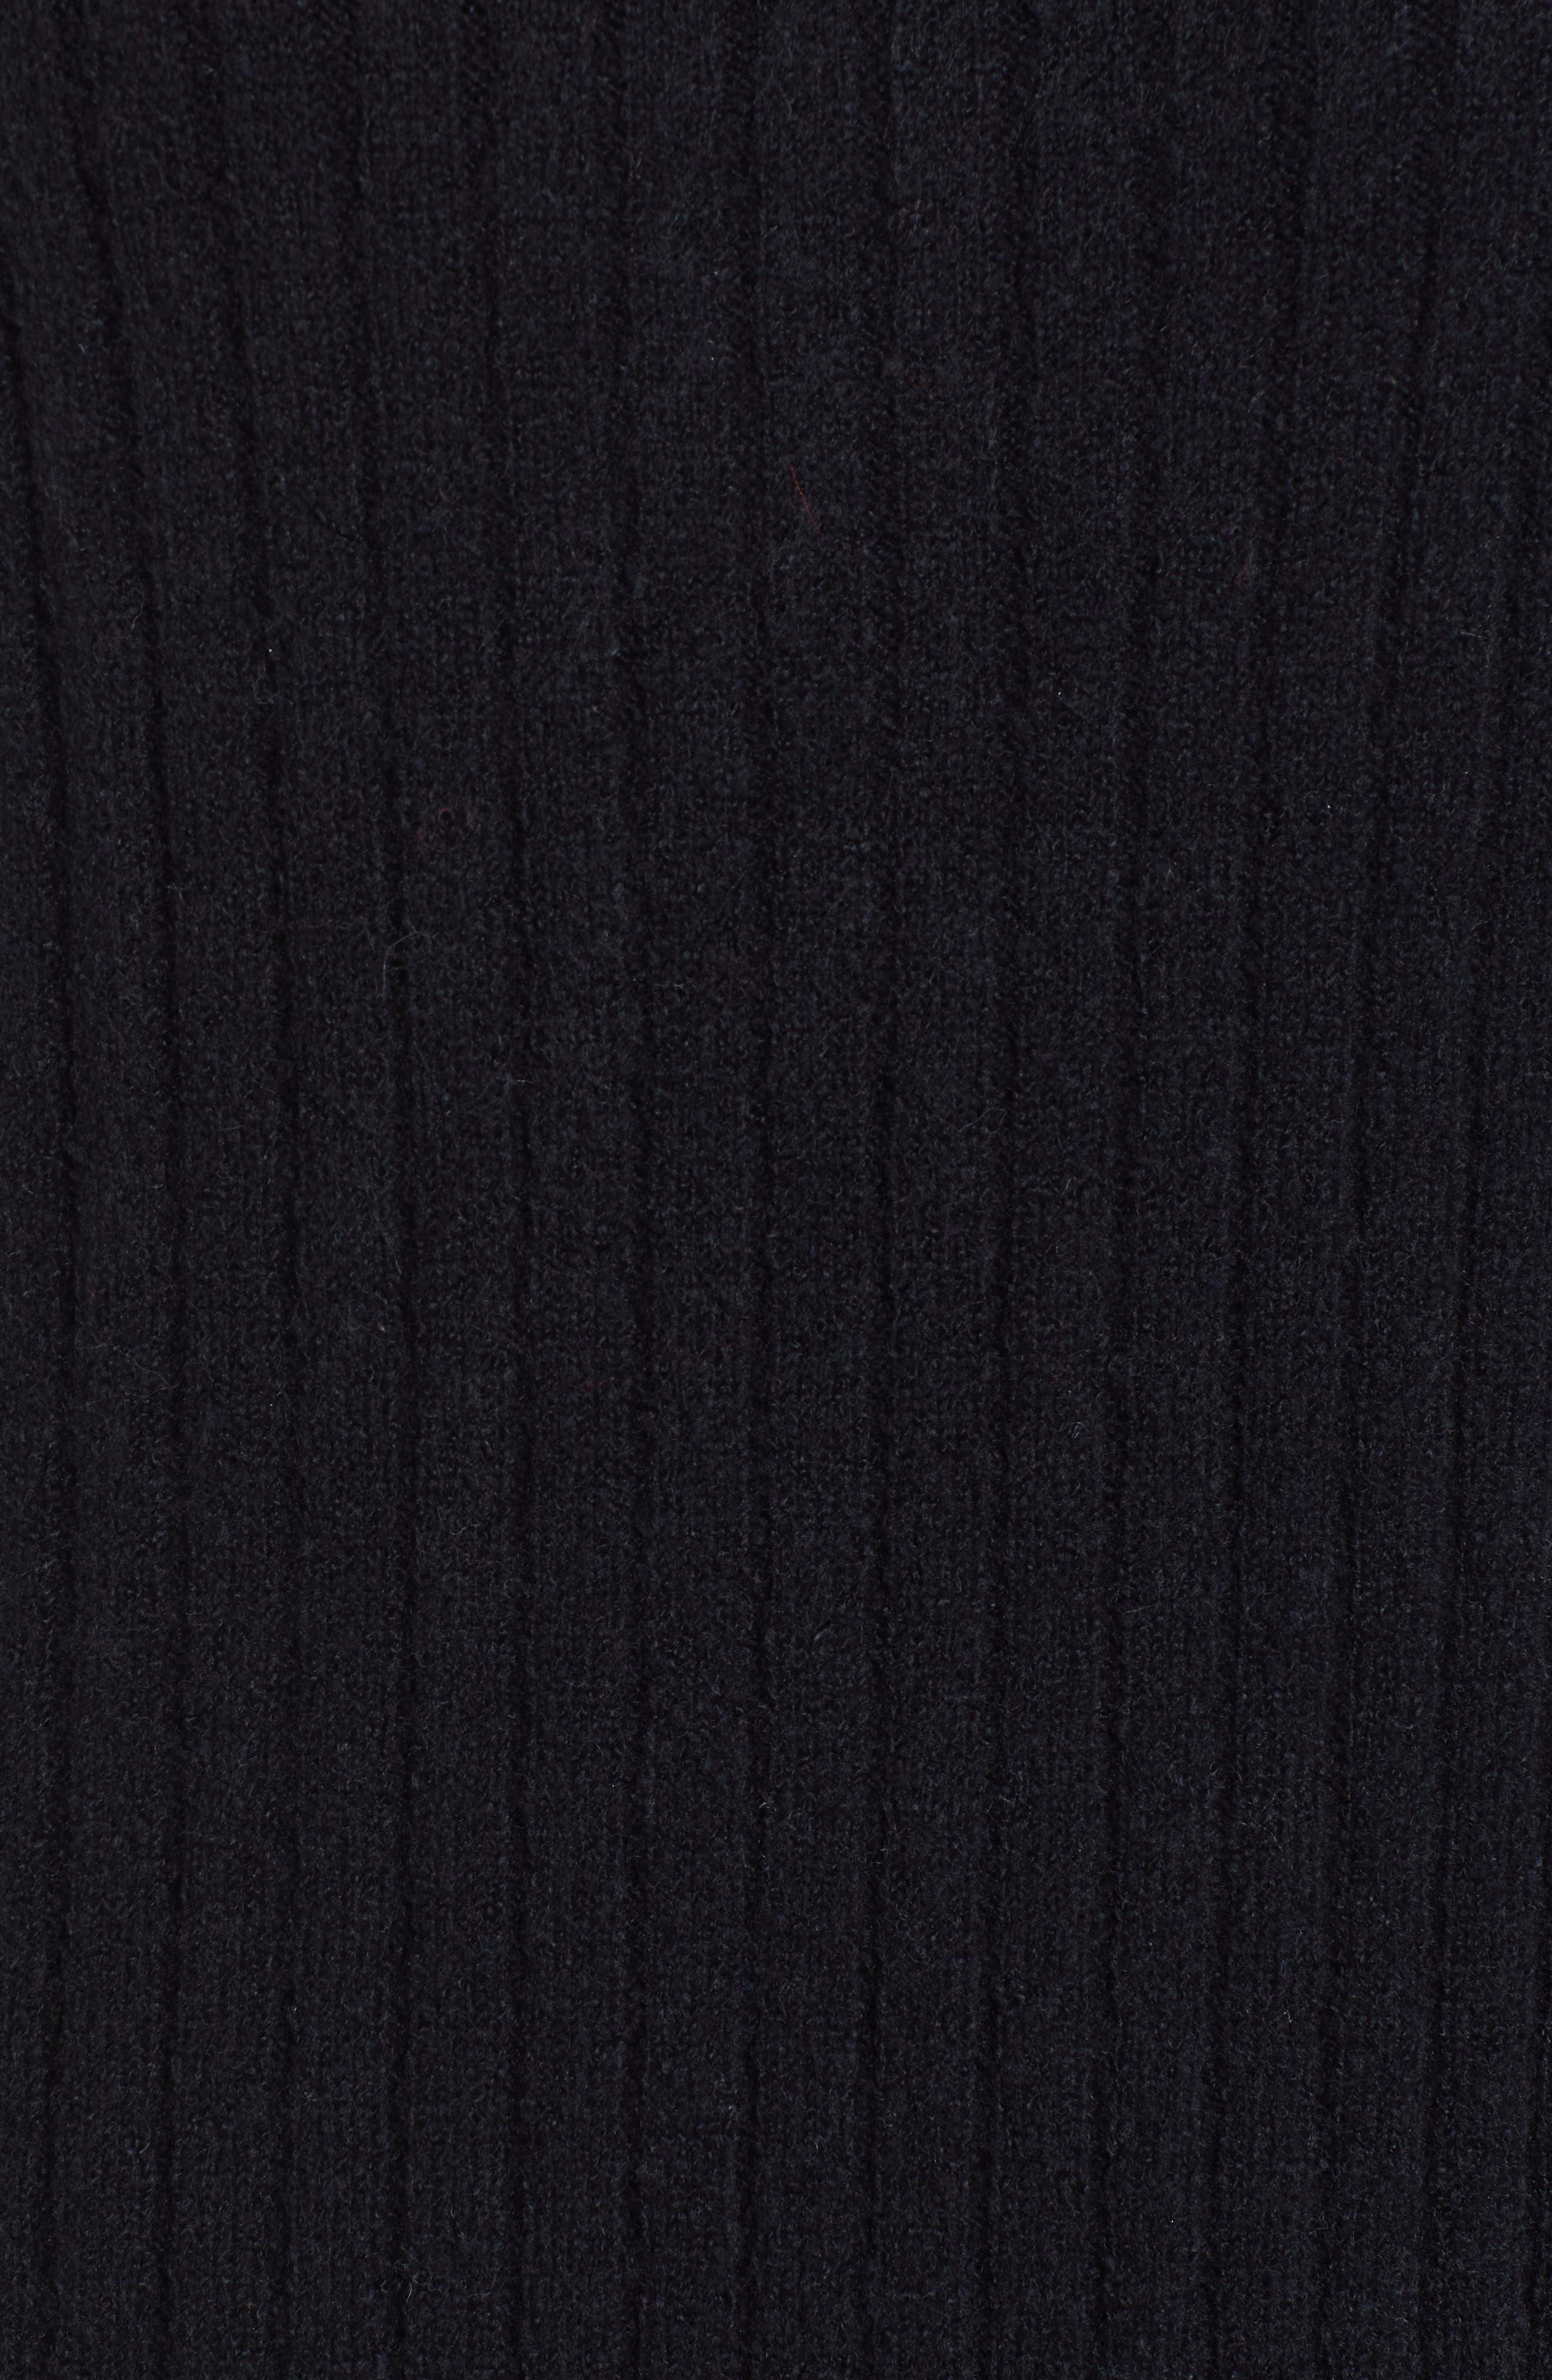 Rib Midi Sweater Dress,                             Alternate thumbnail 6, color,                             BLACK